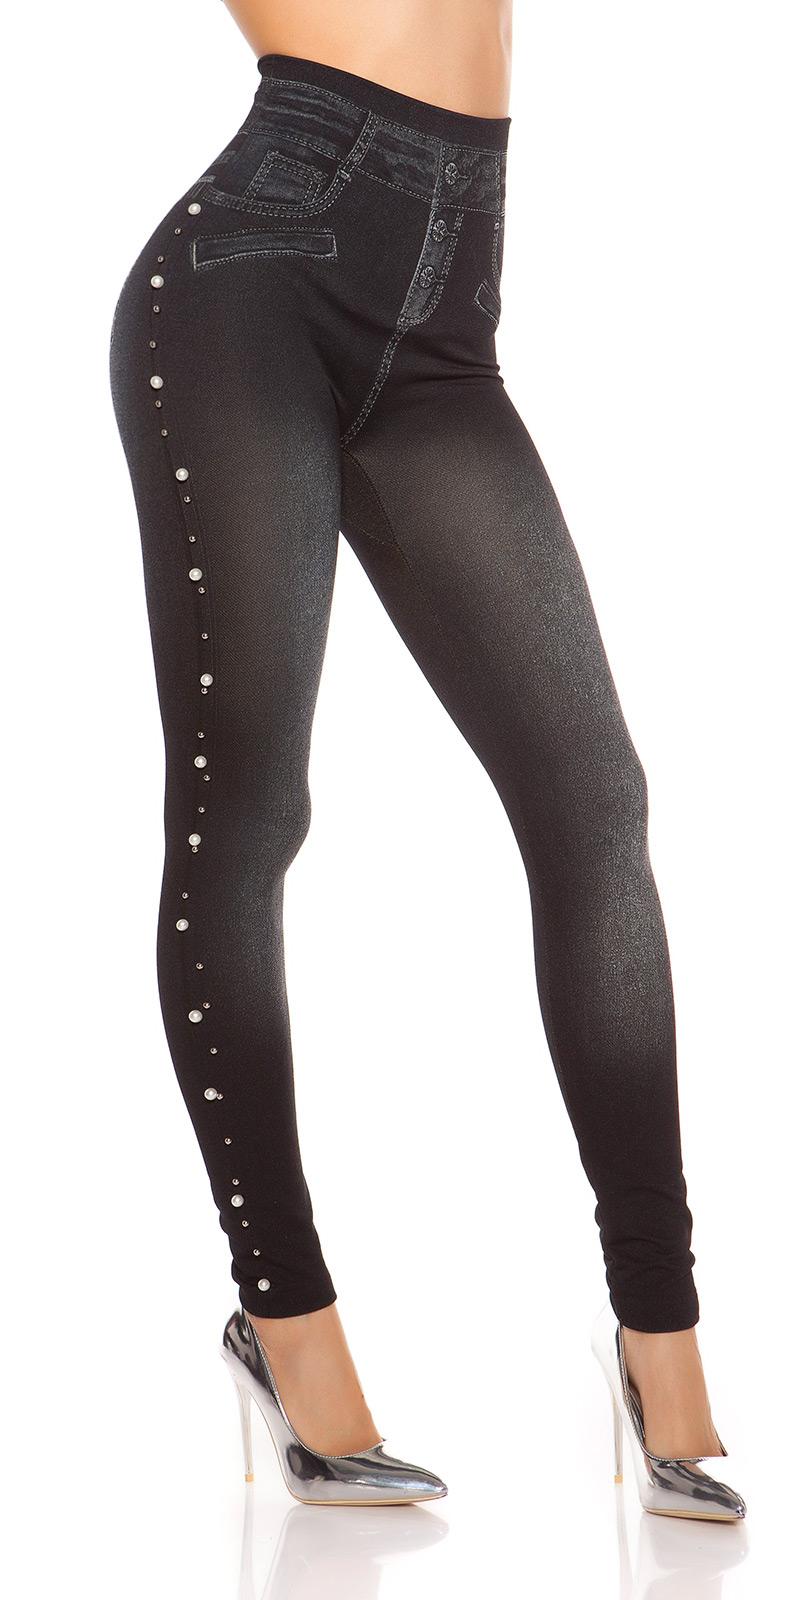 Jeans Mit Schmuckperlen : trendstylez high waist leggings in jeans optik ~ Frokenaadalensverden.com Haus und Dekorationen